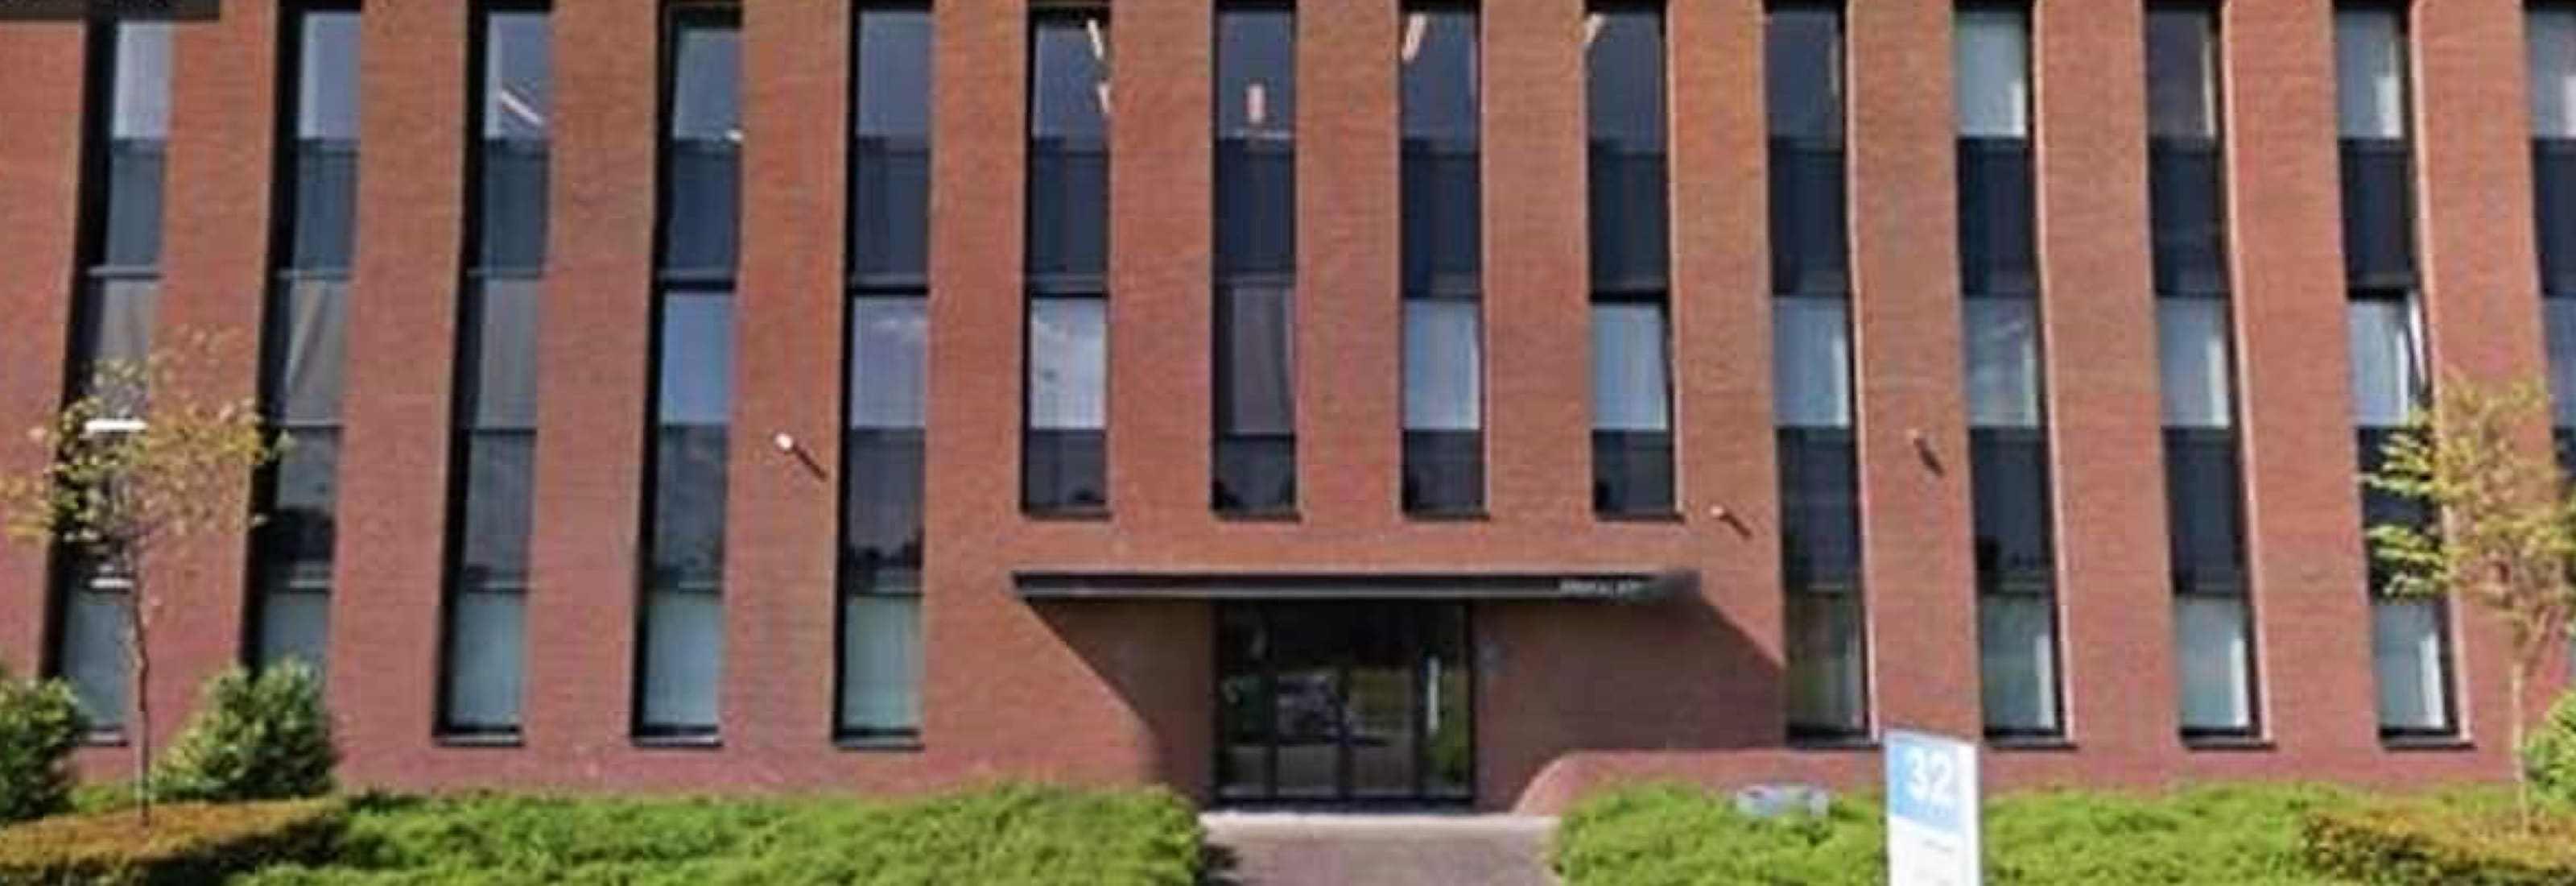 COMPAEN administraties + belastingen - Administratiekantoor in Zevenaar